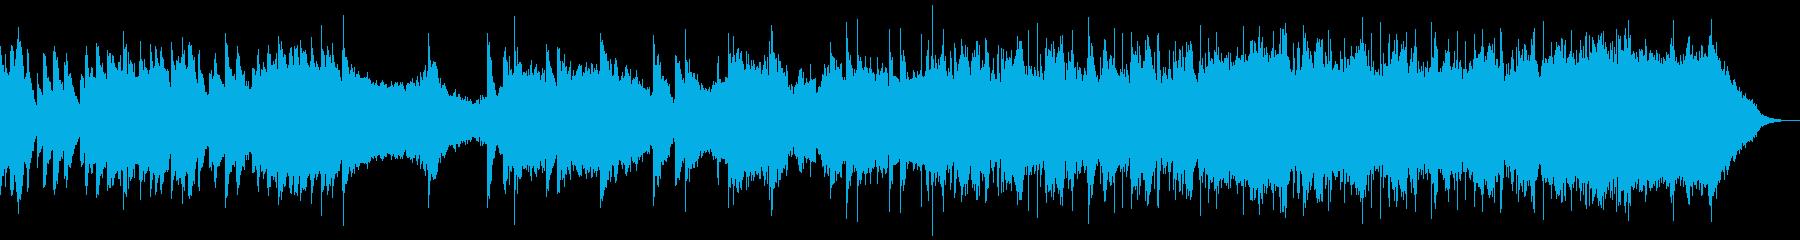 イントロが印象的なピアノ・ストリングスの再生済みの波形